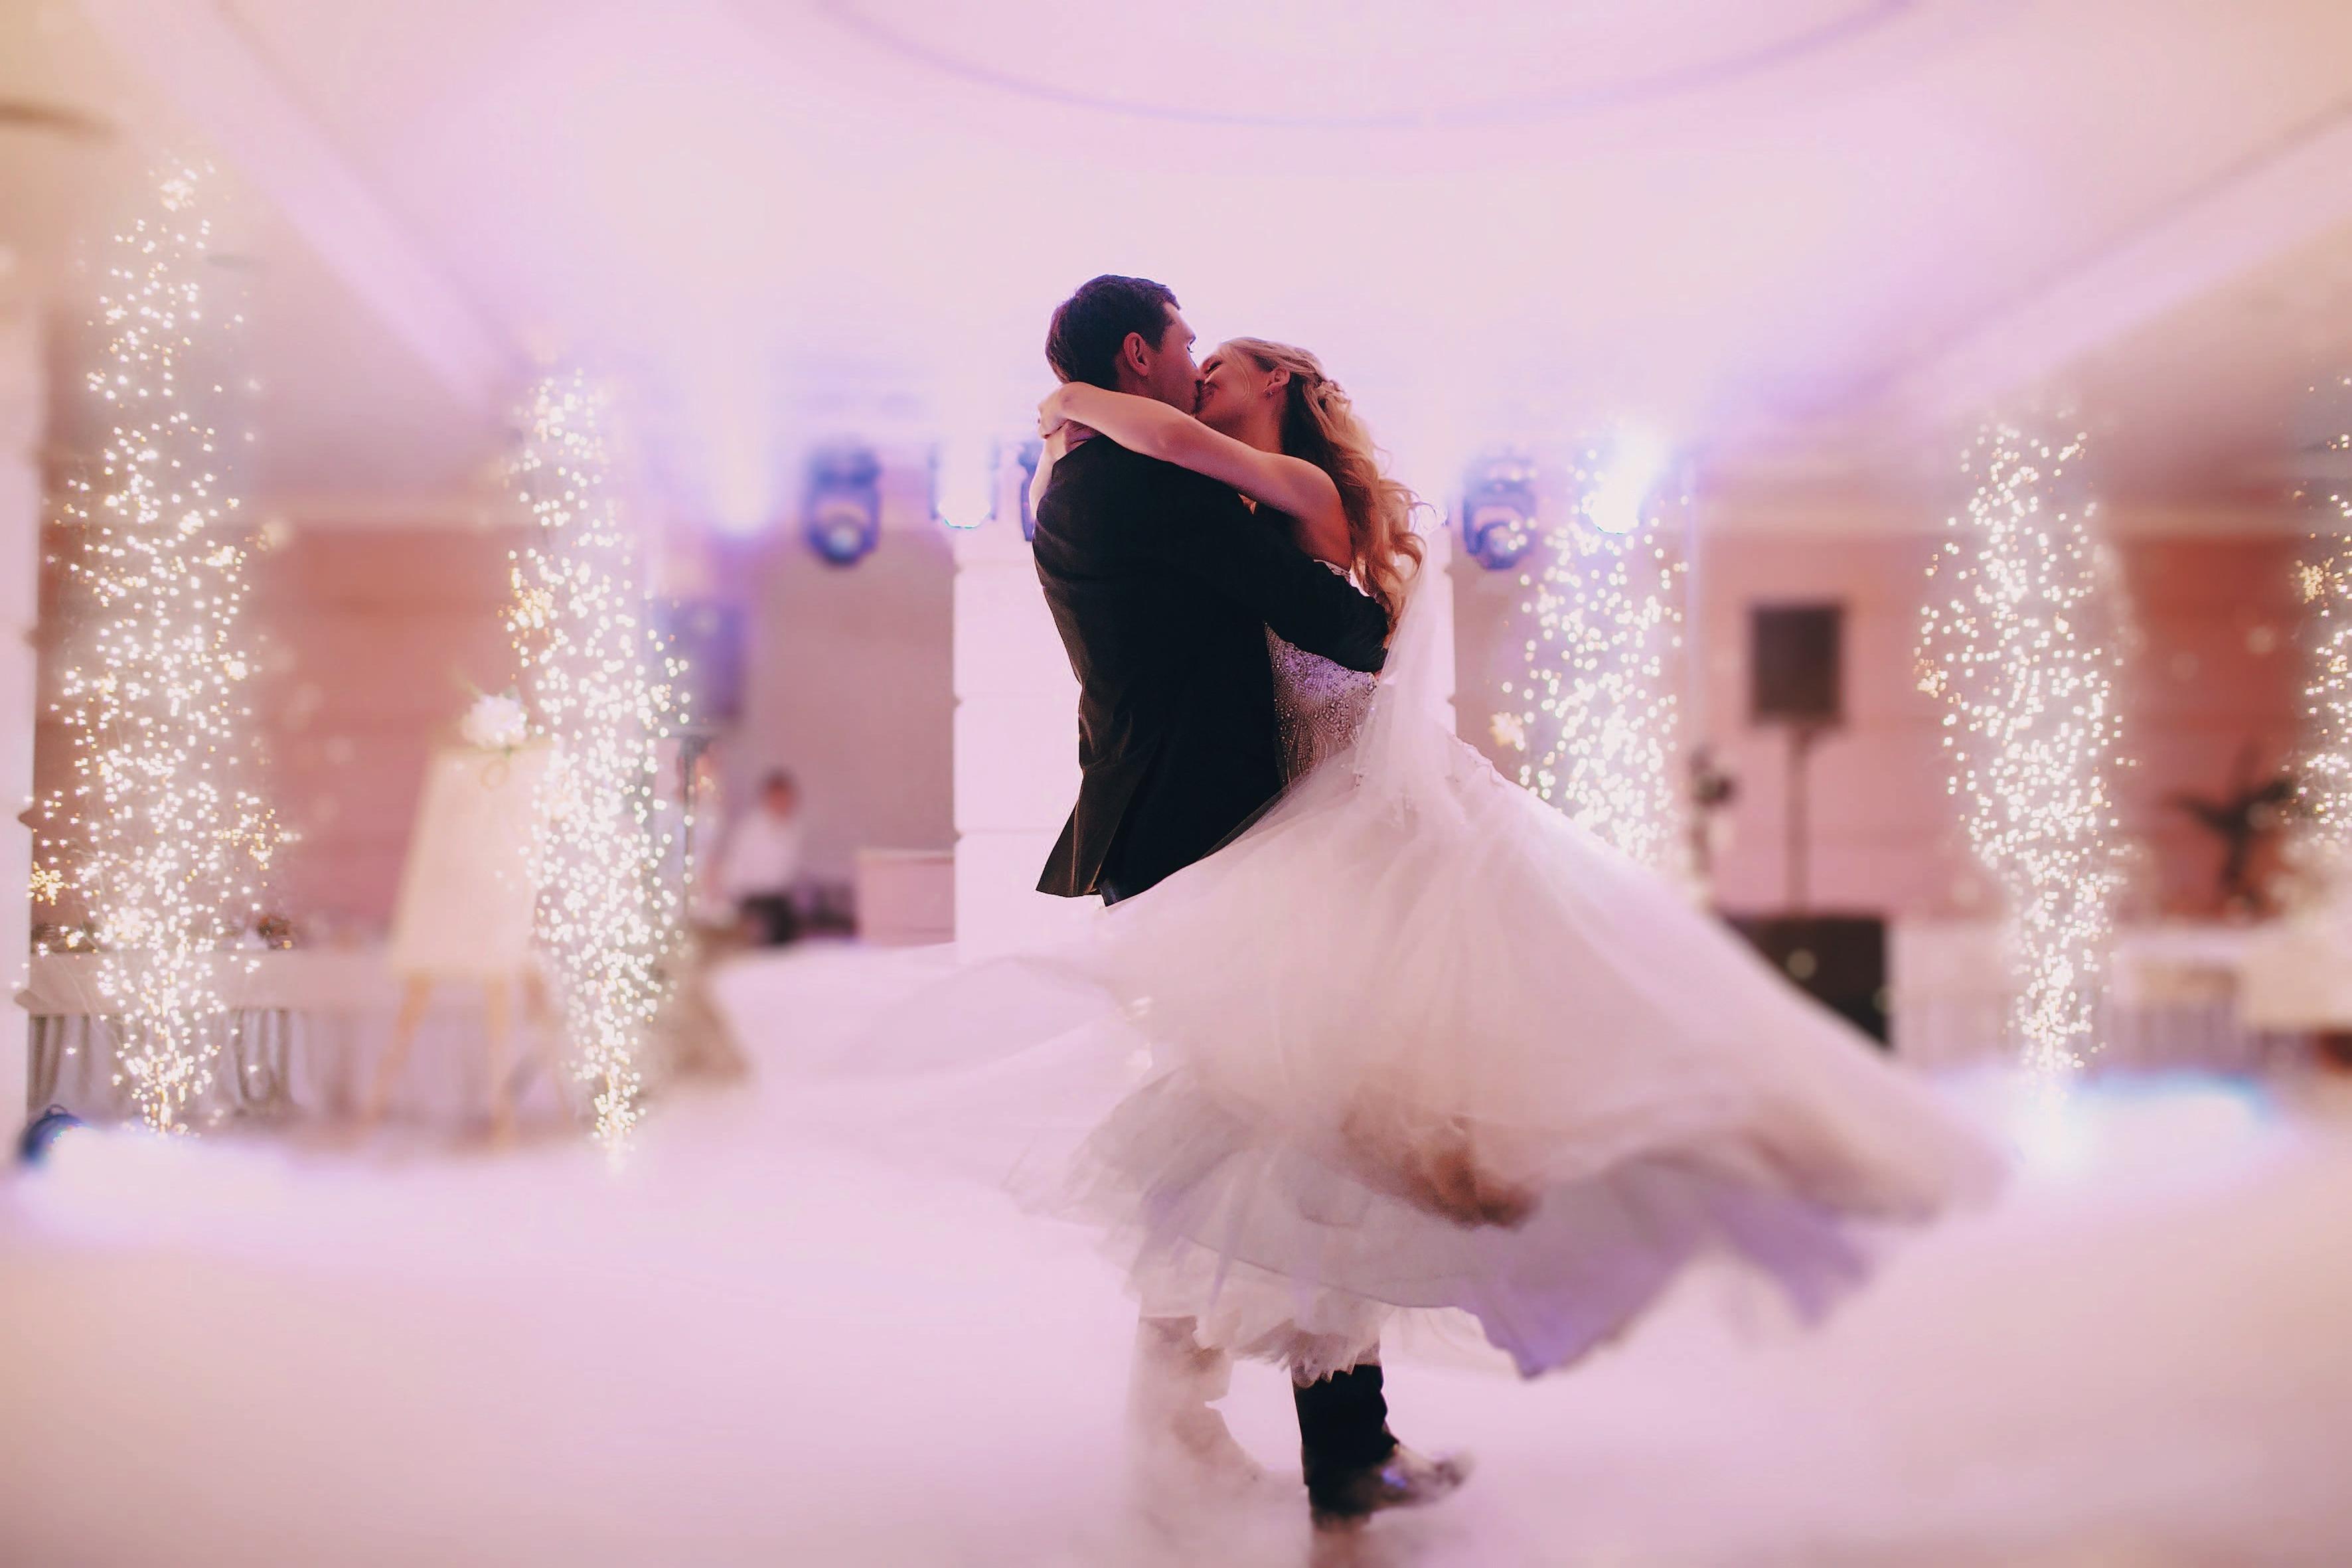 Die Gäste werden verzaubert sein. Nach einem Tanzkurs kann das Brautpaar getrost beim Hochzeitswalzer über das Parkett schweben. Foto: 123rf/prostooleh